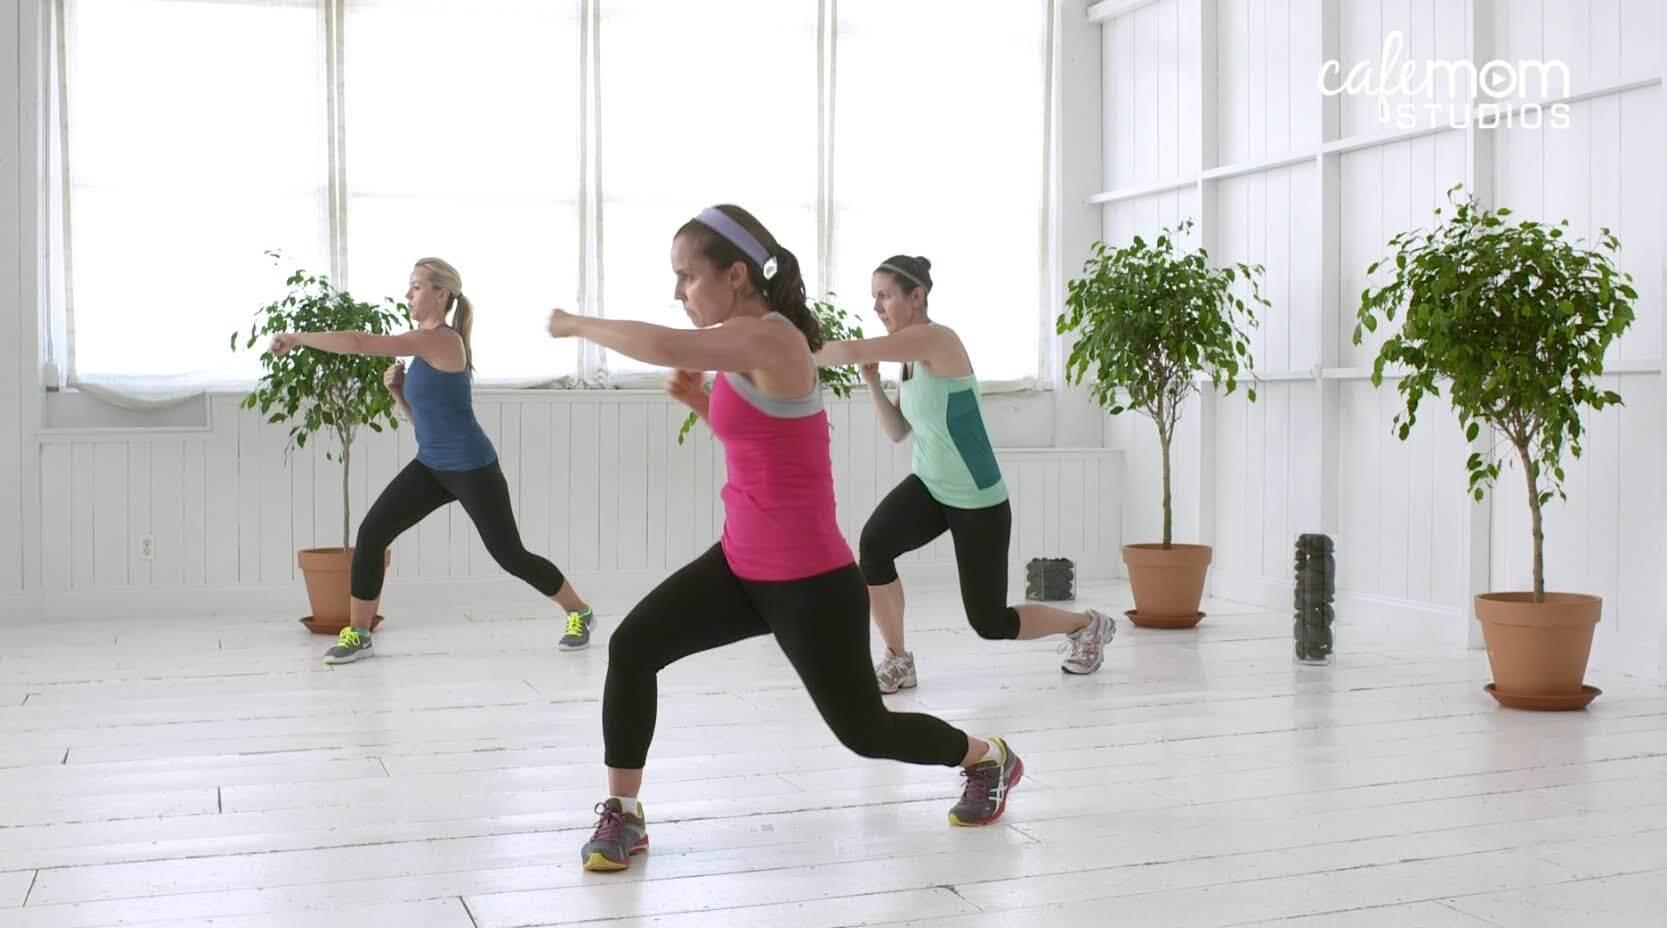 Vrouw-doet-cardio-training